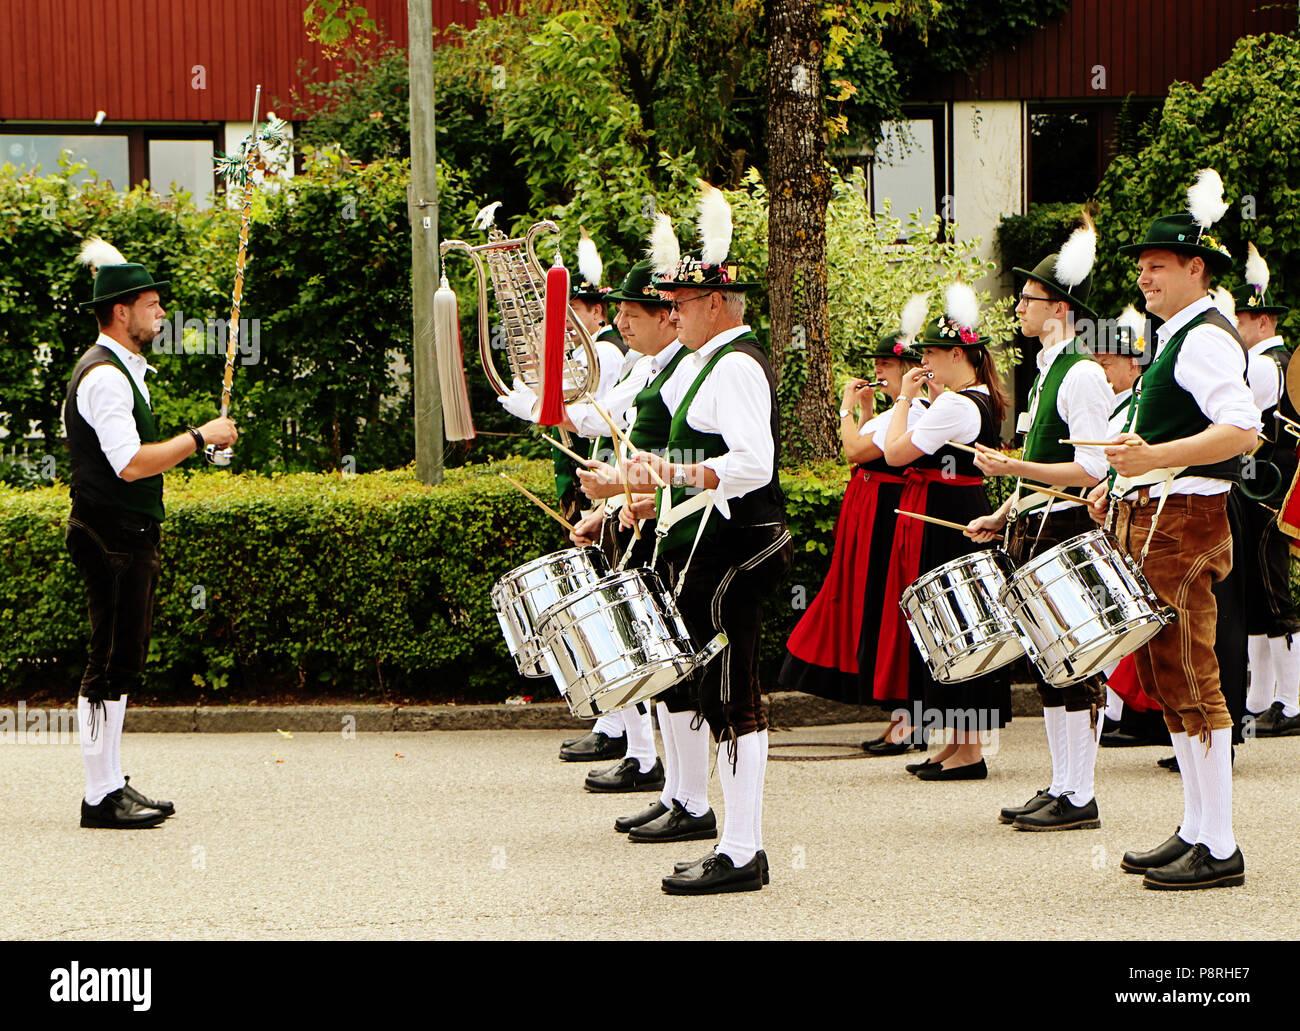 a14d4830f7ac4 Folk Band Musiker in bayerischer Tracht durchführen mit Trommel